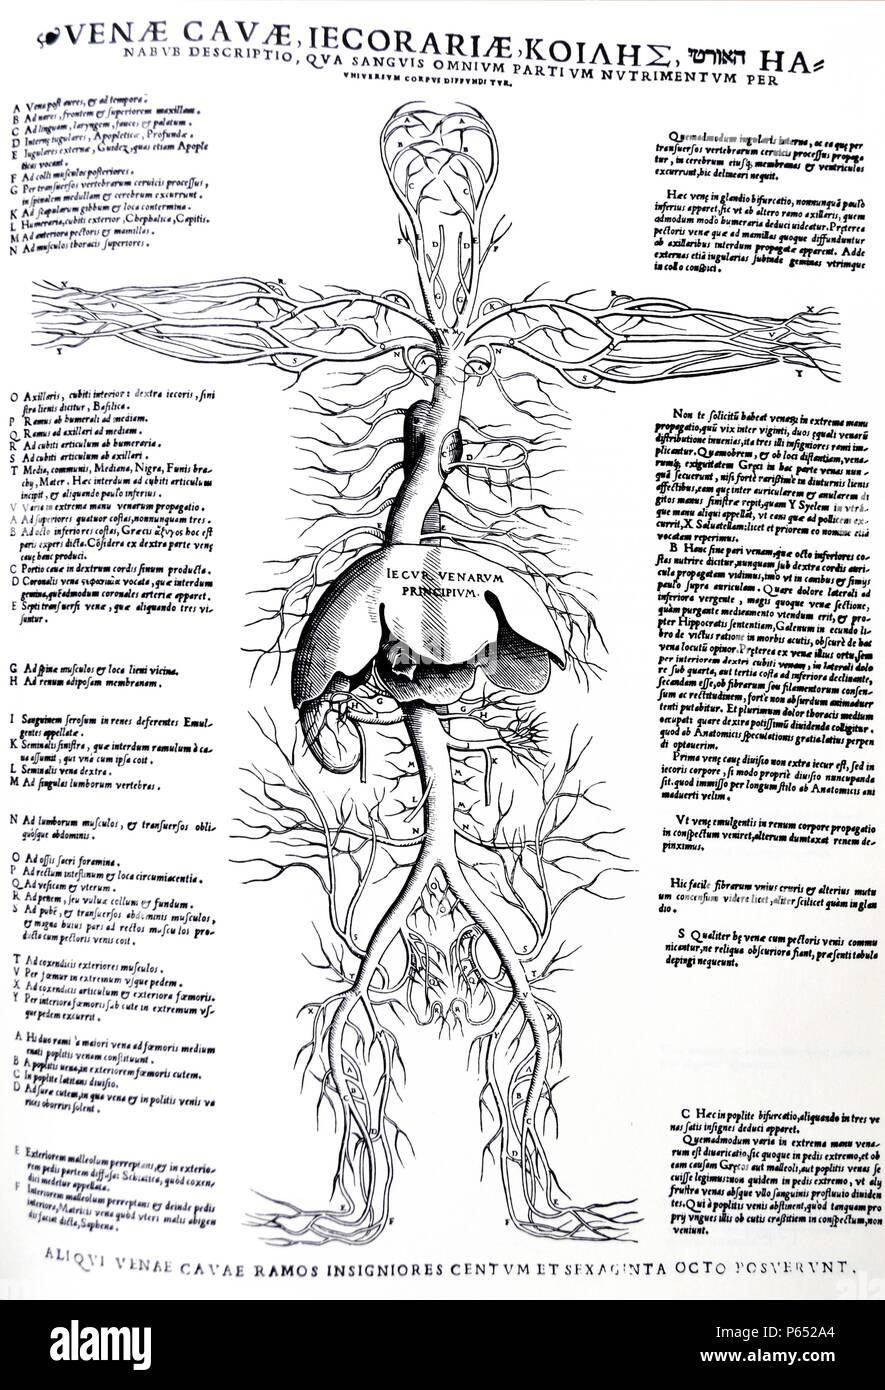 Excelente Diagrama De Cuerpo Hígado Imagen - Imágenes de Anatomía ...